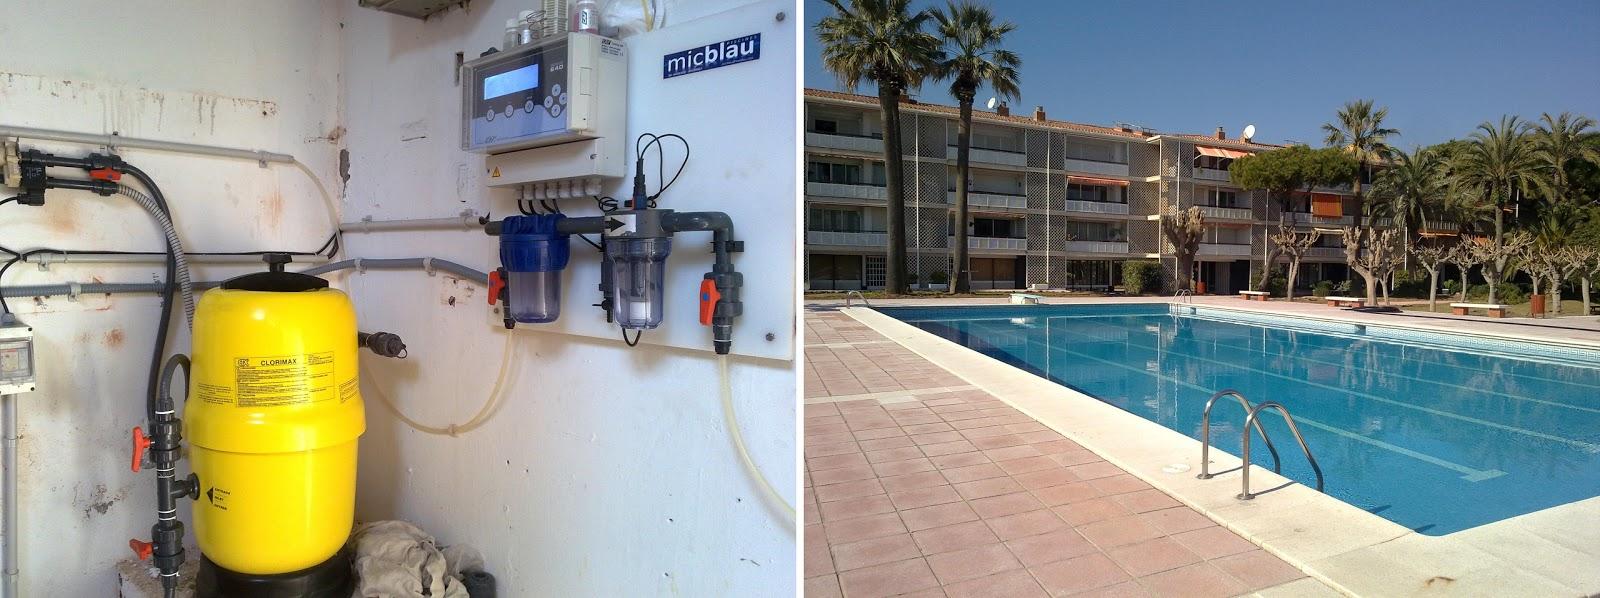 Bromo para piscina residencial micblau blog for Bromo para piscinas